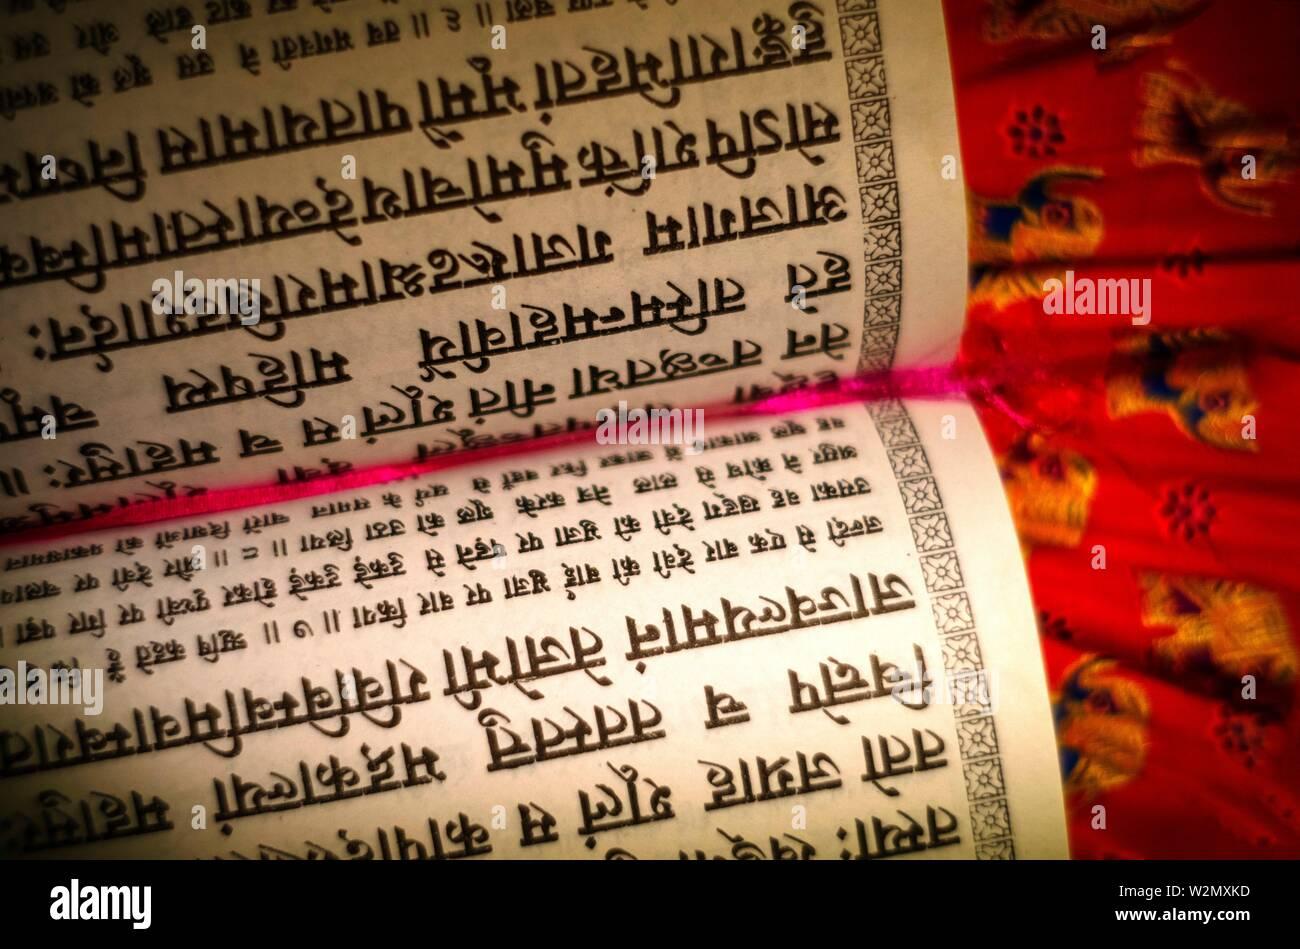 La religione, Budhism- libro religioso in sankrit..sanscrito. Il sanscrito è una lingua antica India con una storia documentata di circa 3.500 anni. È Foto Stock